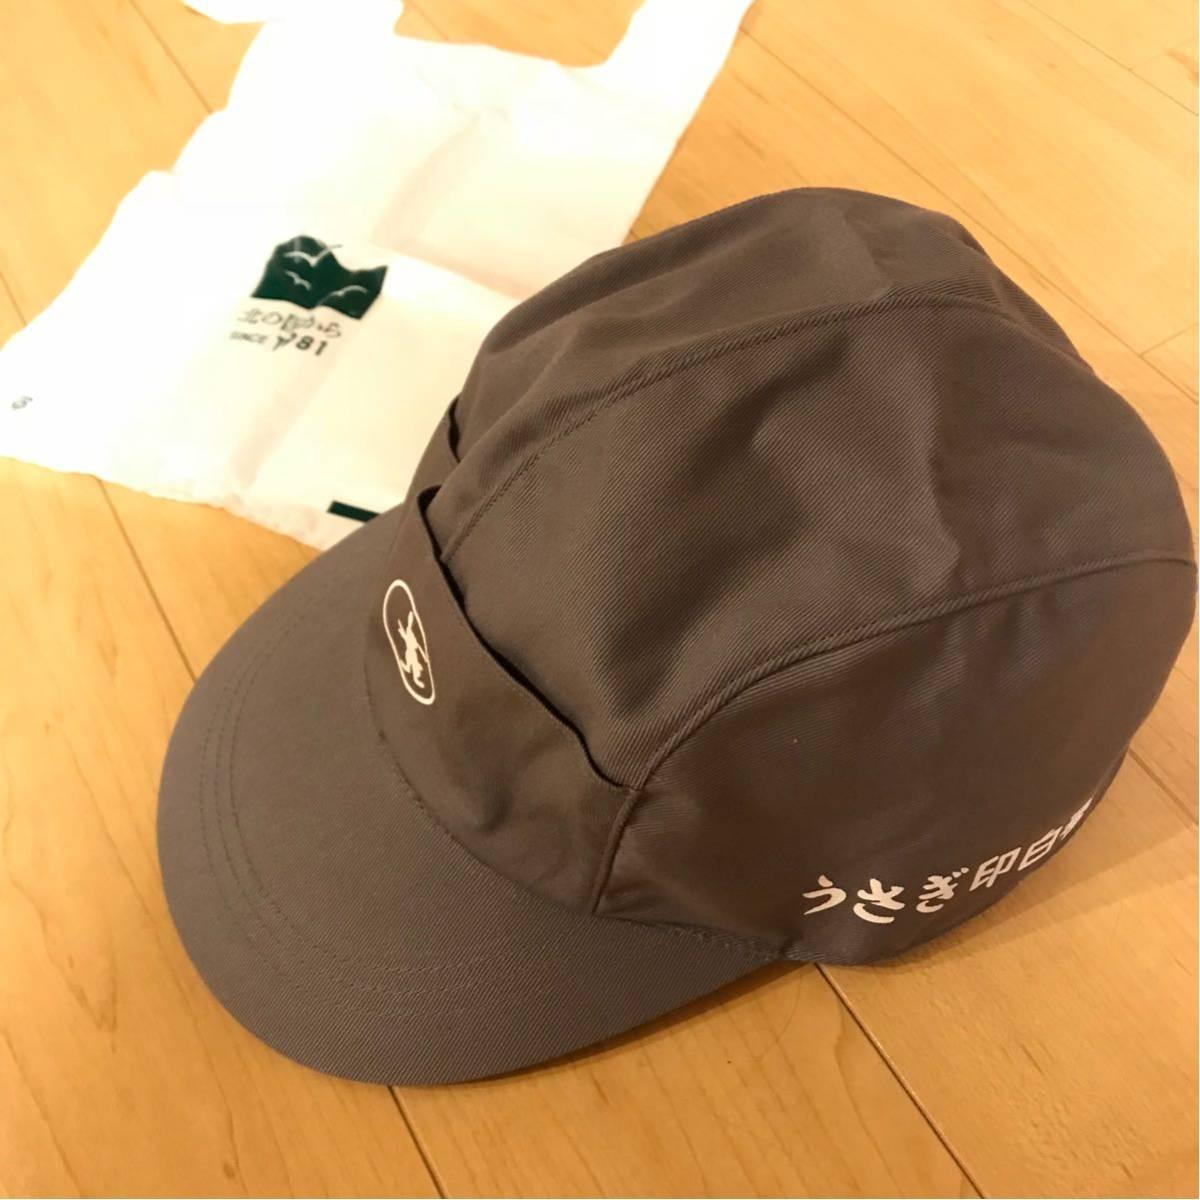 【送料込み・新品未使用】北の国から 黒板五郎 帽子 うさぎ印